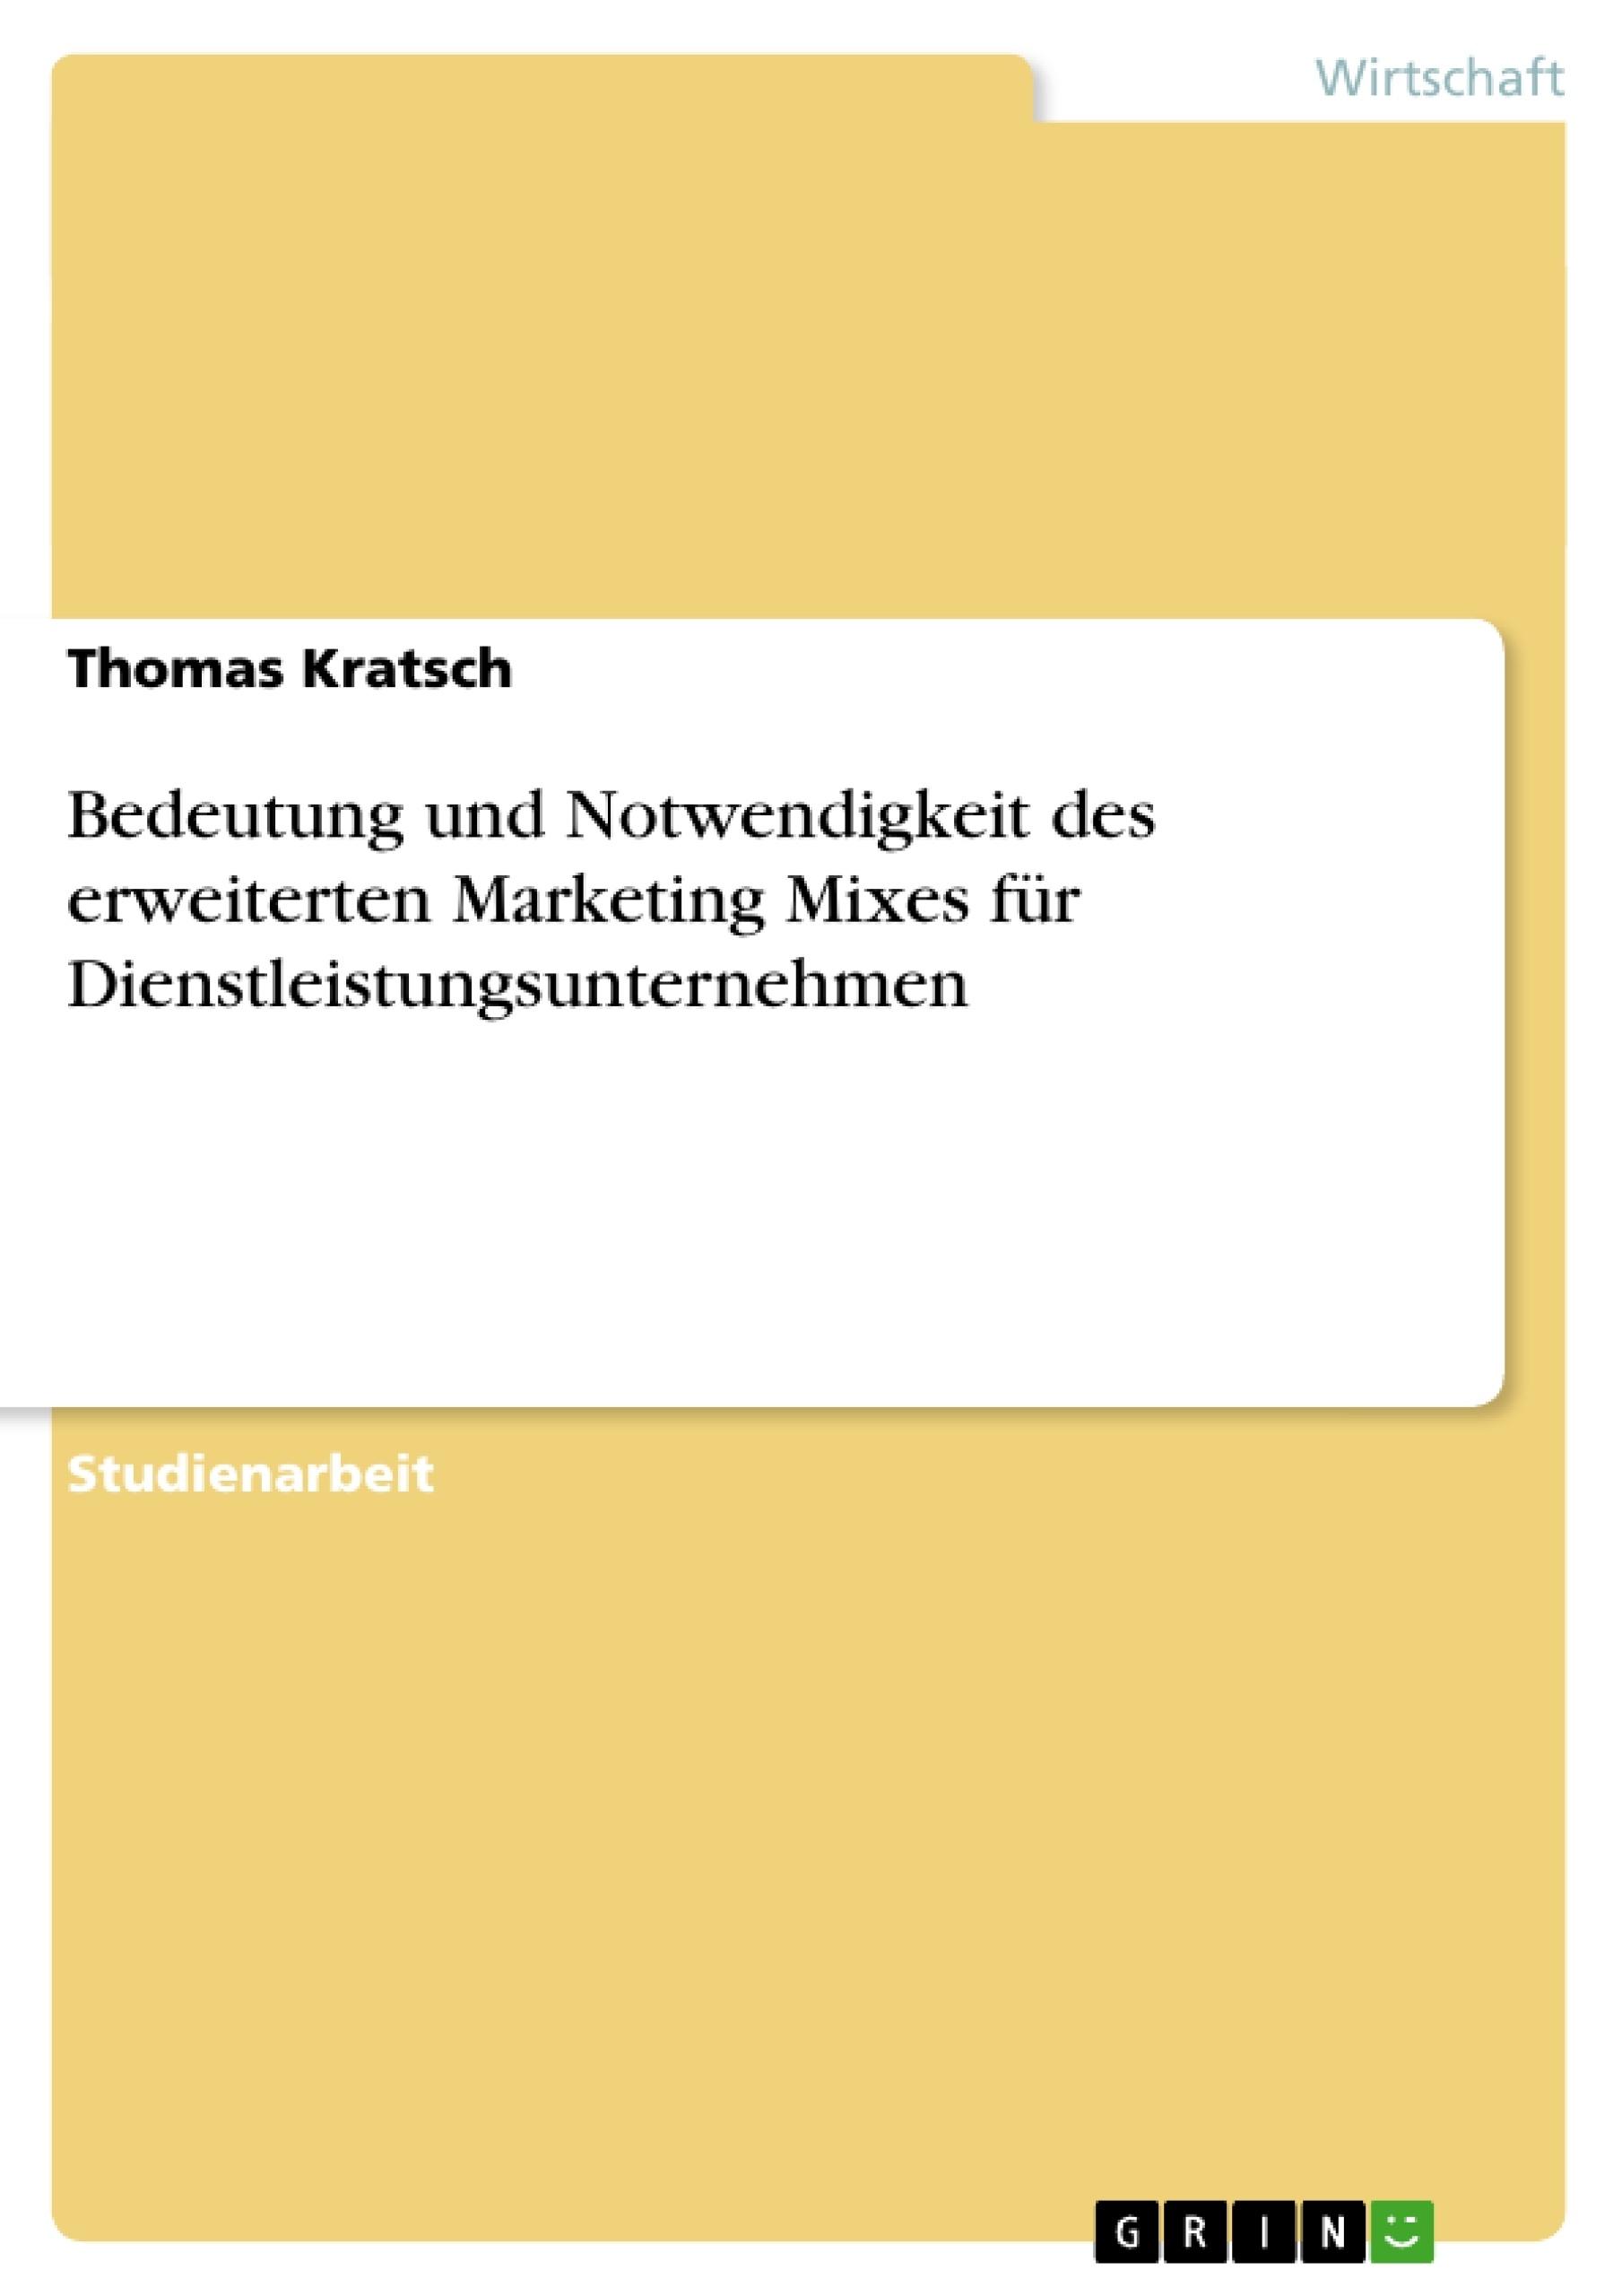 Titel: Bedeutung und Notwendigkeit des erweiterten Marketing Mixes für Dienstleistungsunternehmen